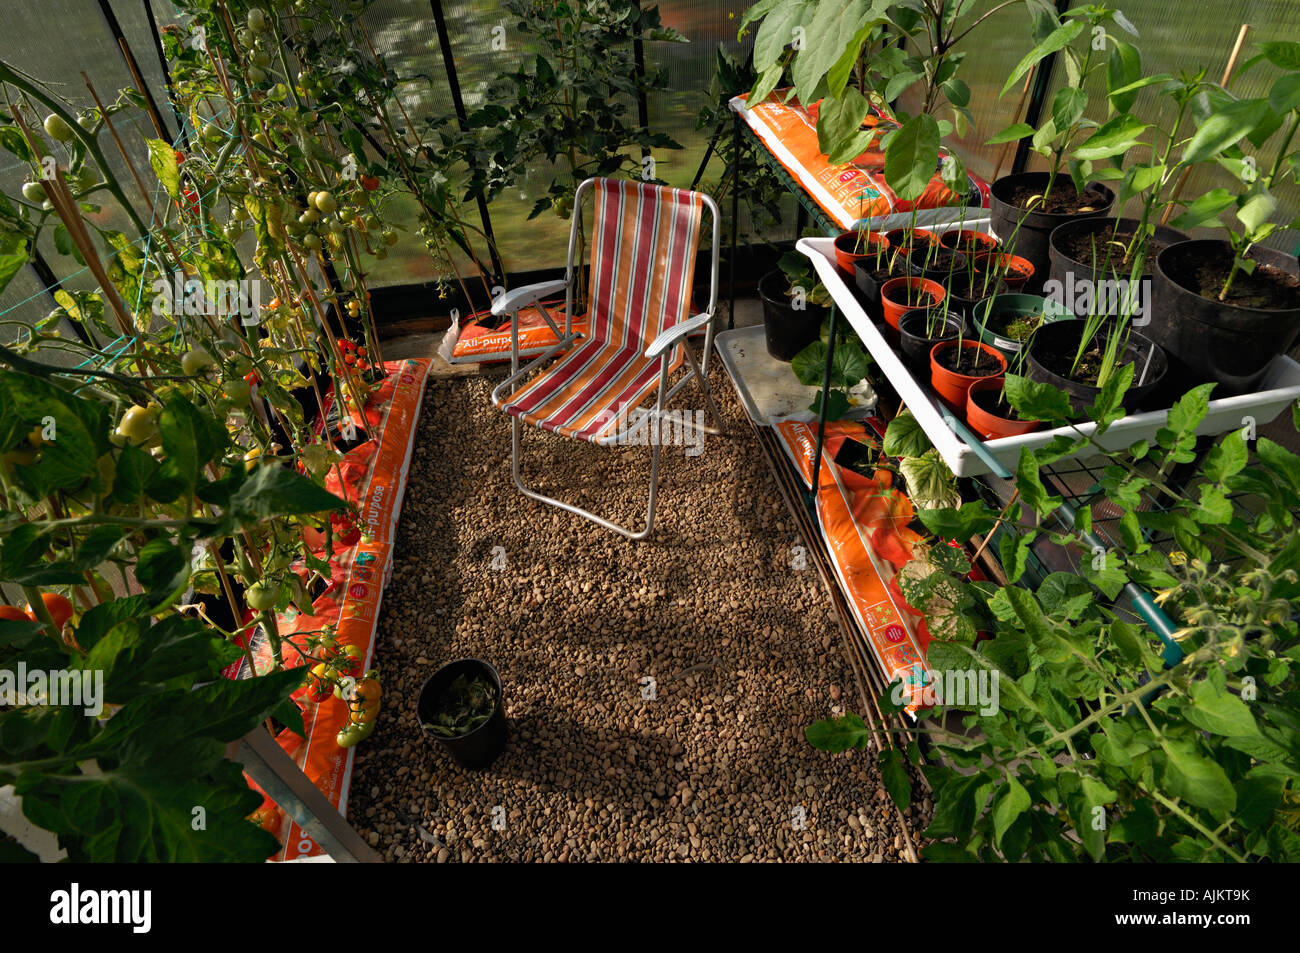 innenraum des kleinen gew chshaus mit tomaten gurken und anderen pflanzen wachsen in wachsen. Black Bedroom Furniture Sets. Home Design Ideas